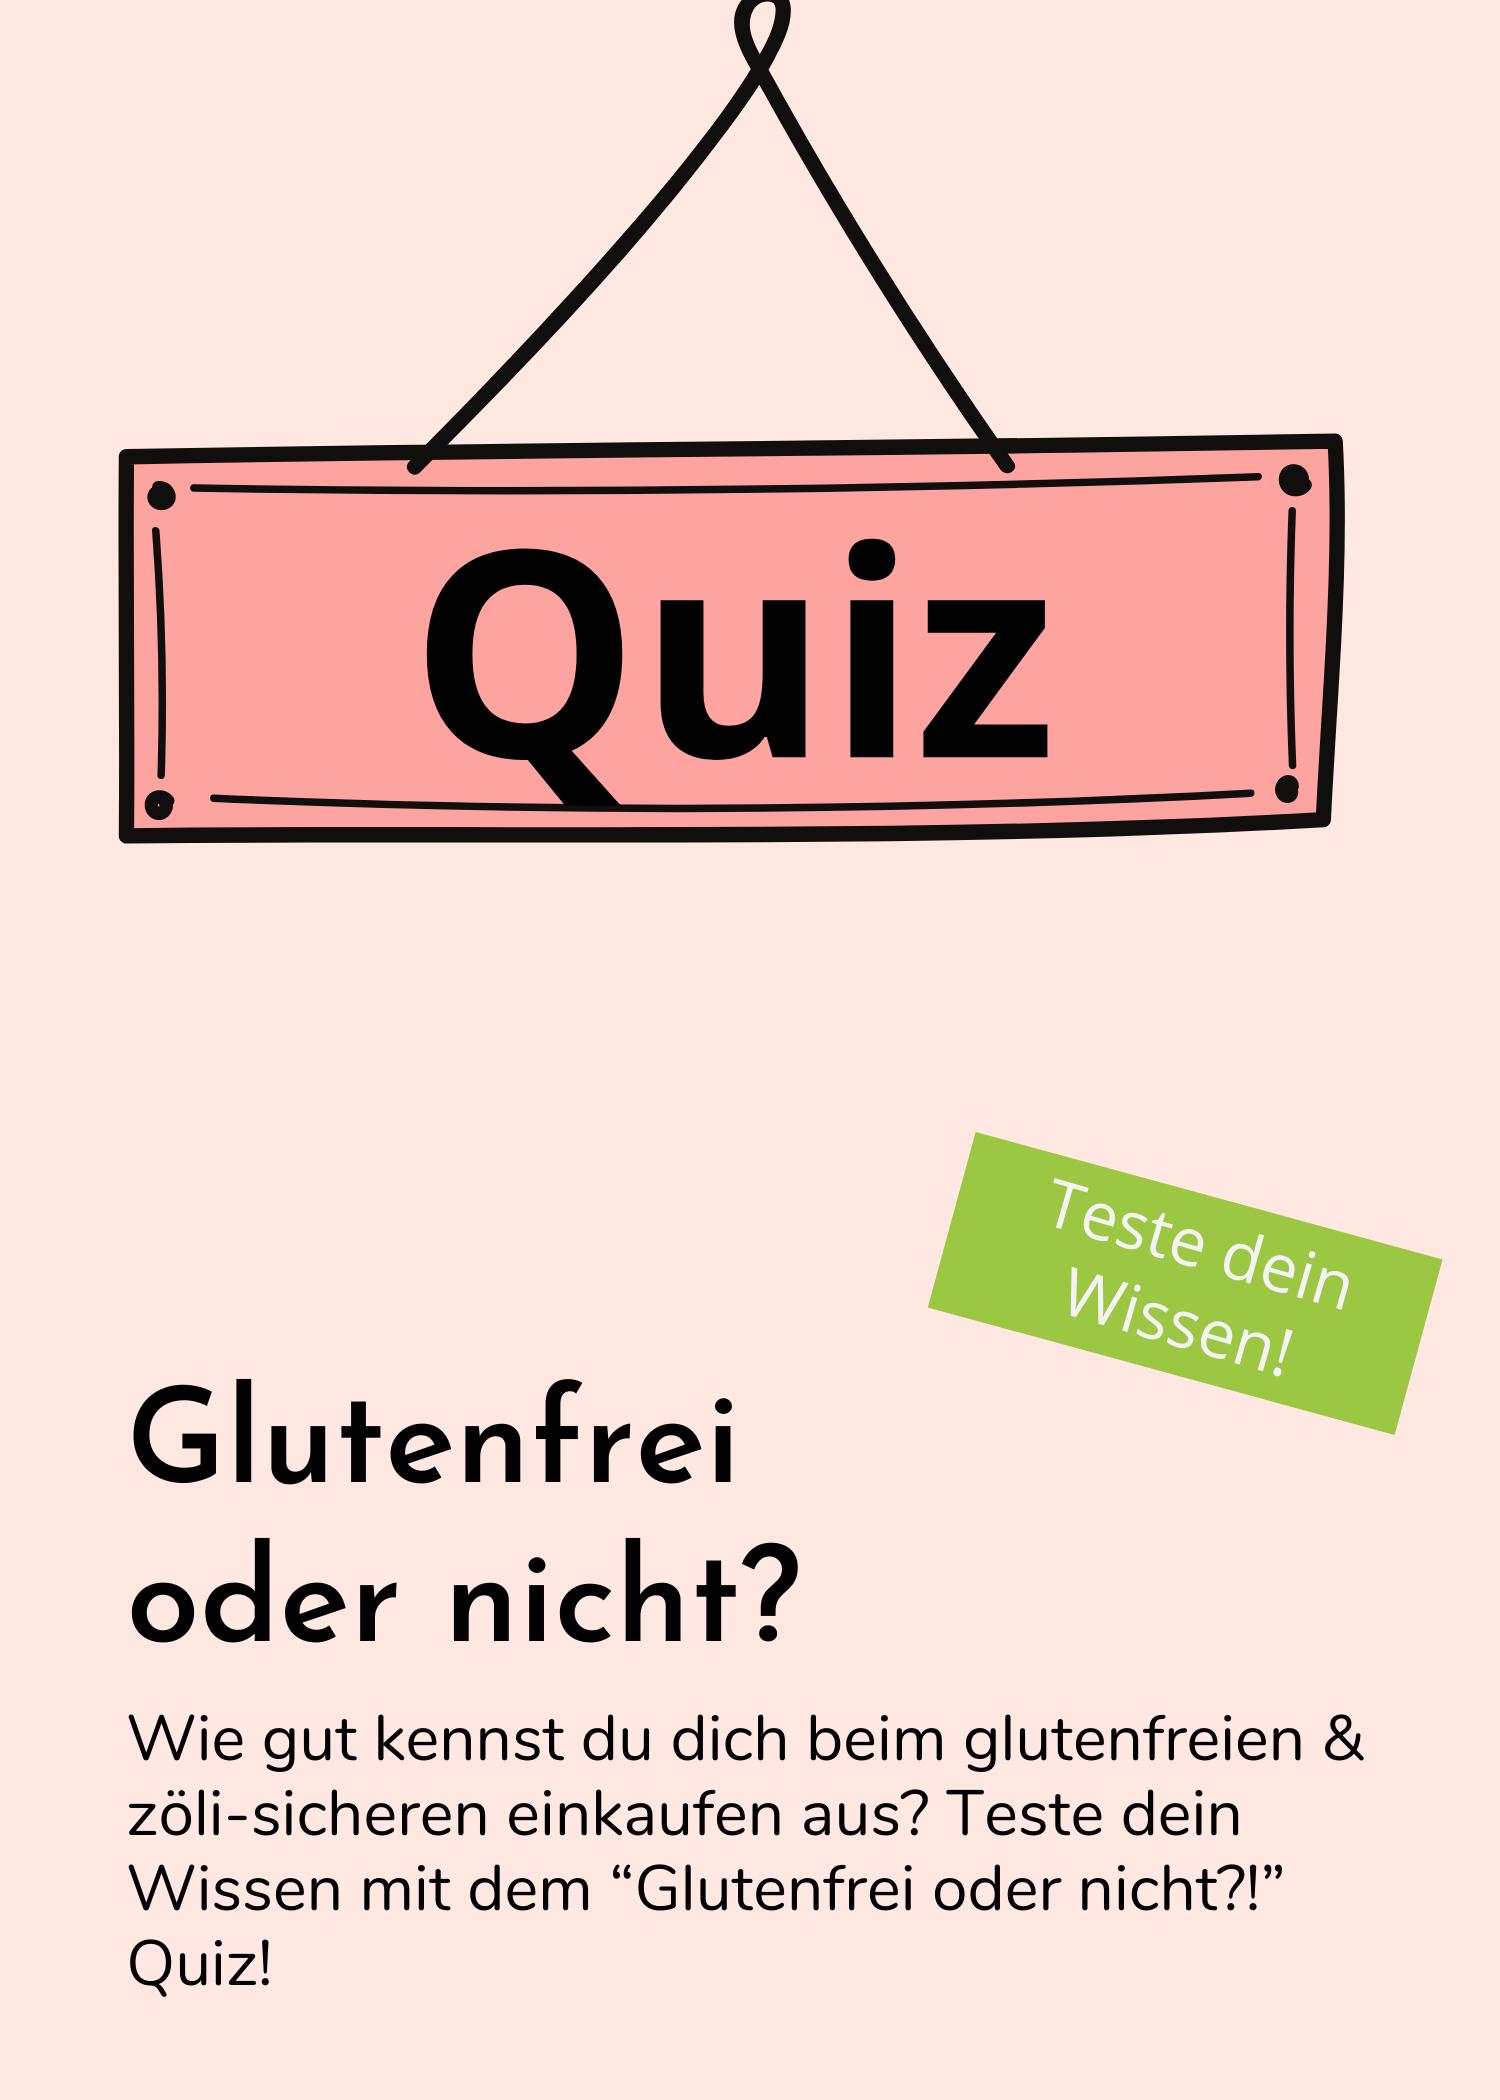 Glutenfrei oder nicht? Ein Quiz für Zölis.